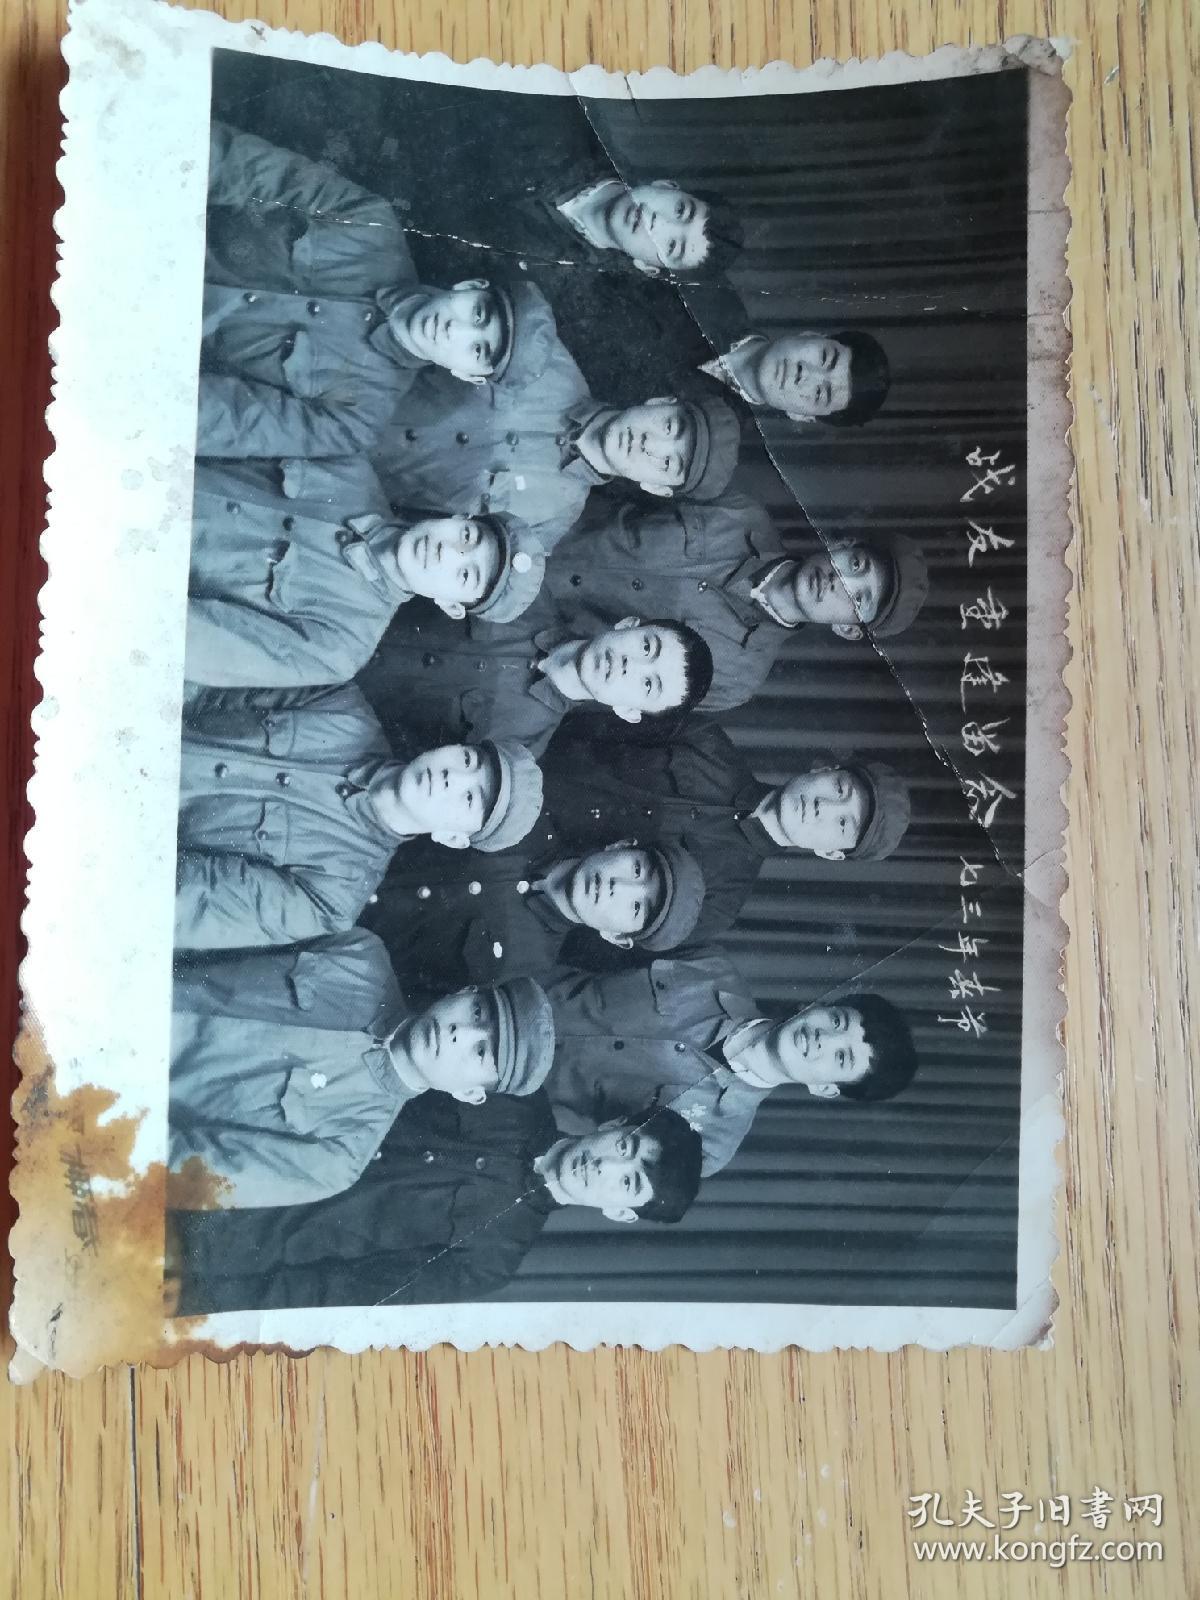 老照片  1973年战友重逢留念